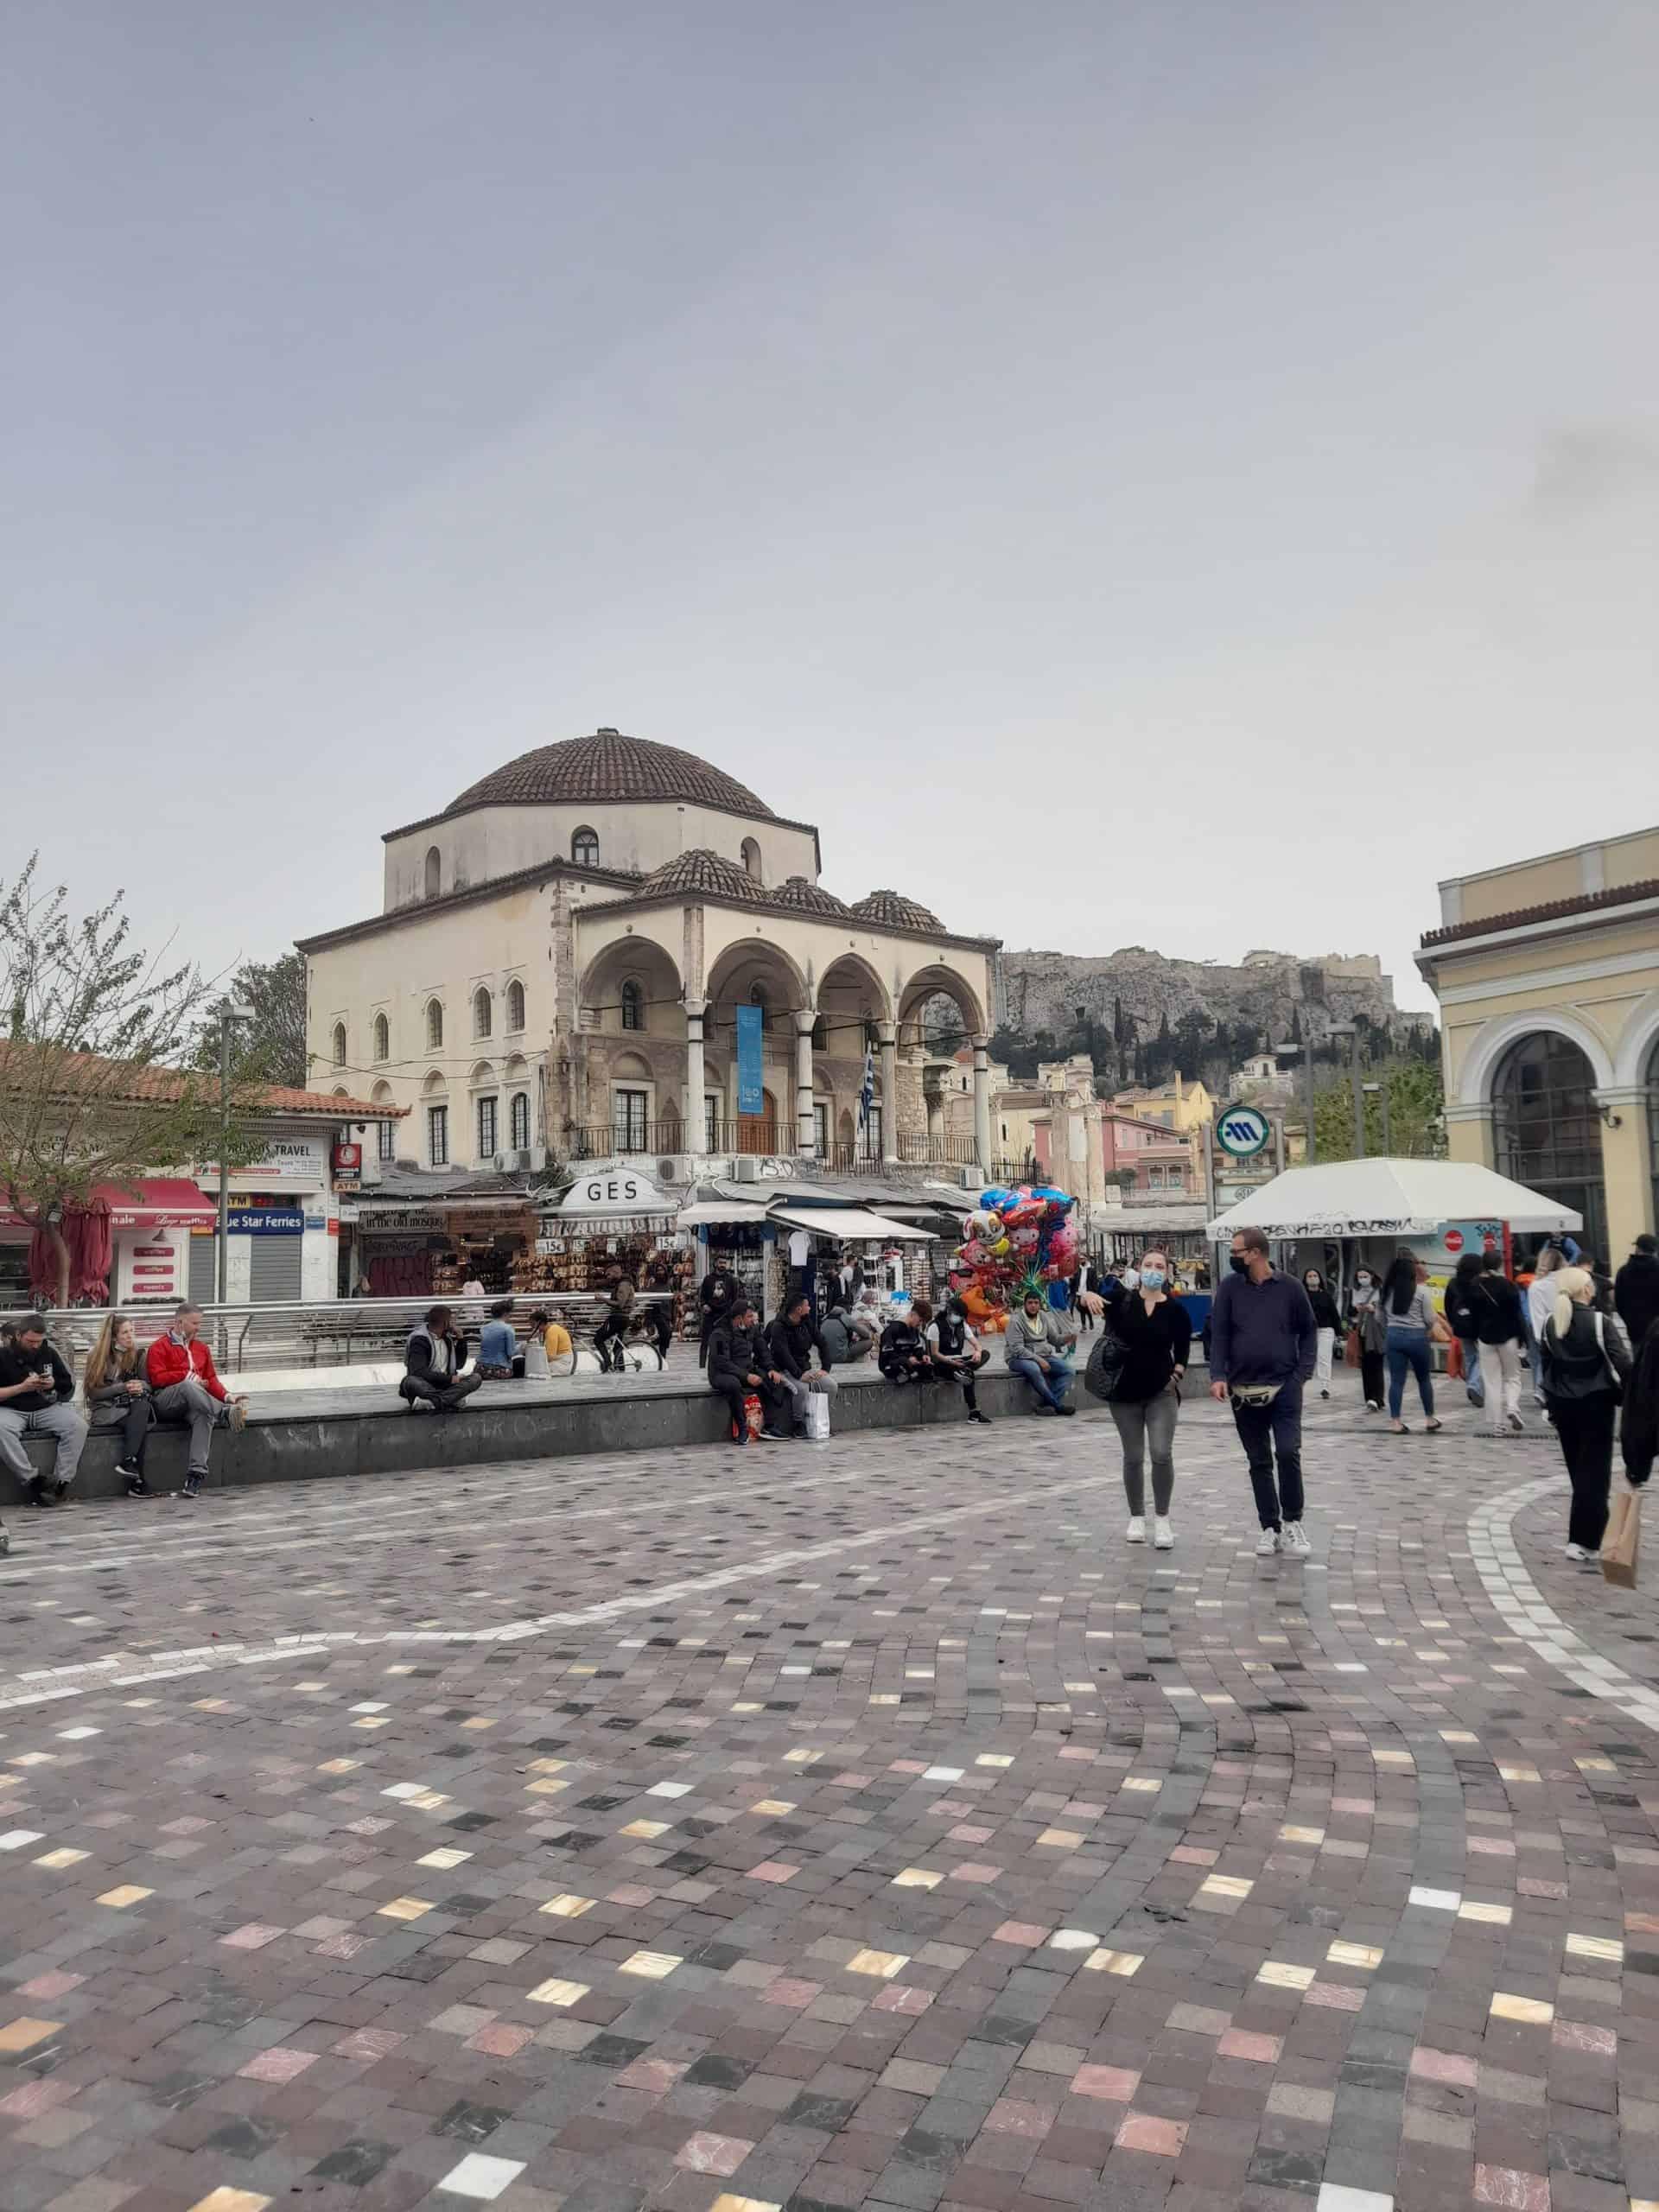 Athens' Monastiraki district